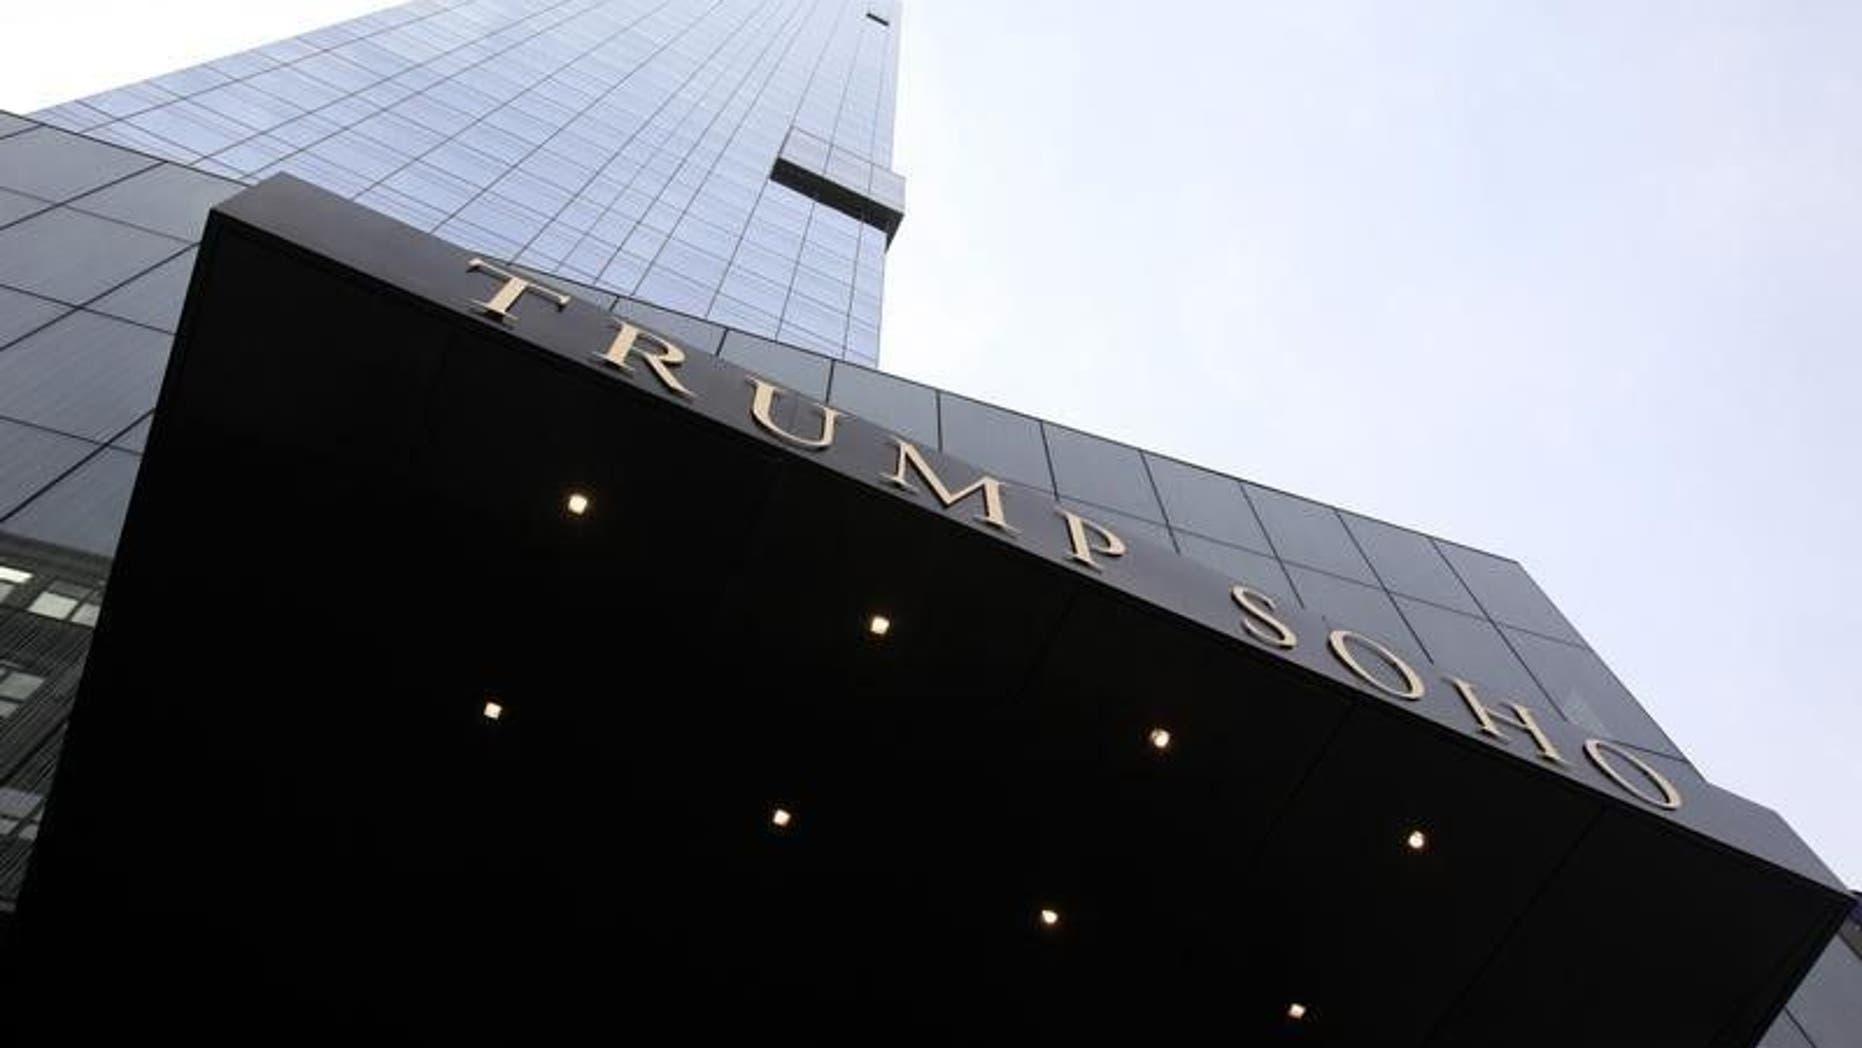 The Trump Soho Hotel in New York City.